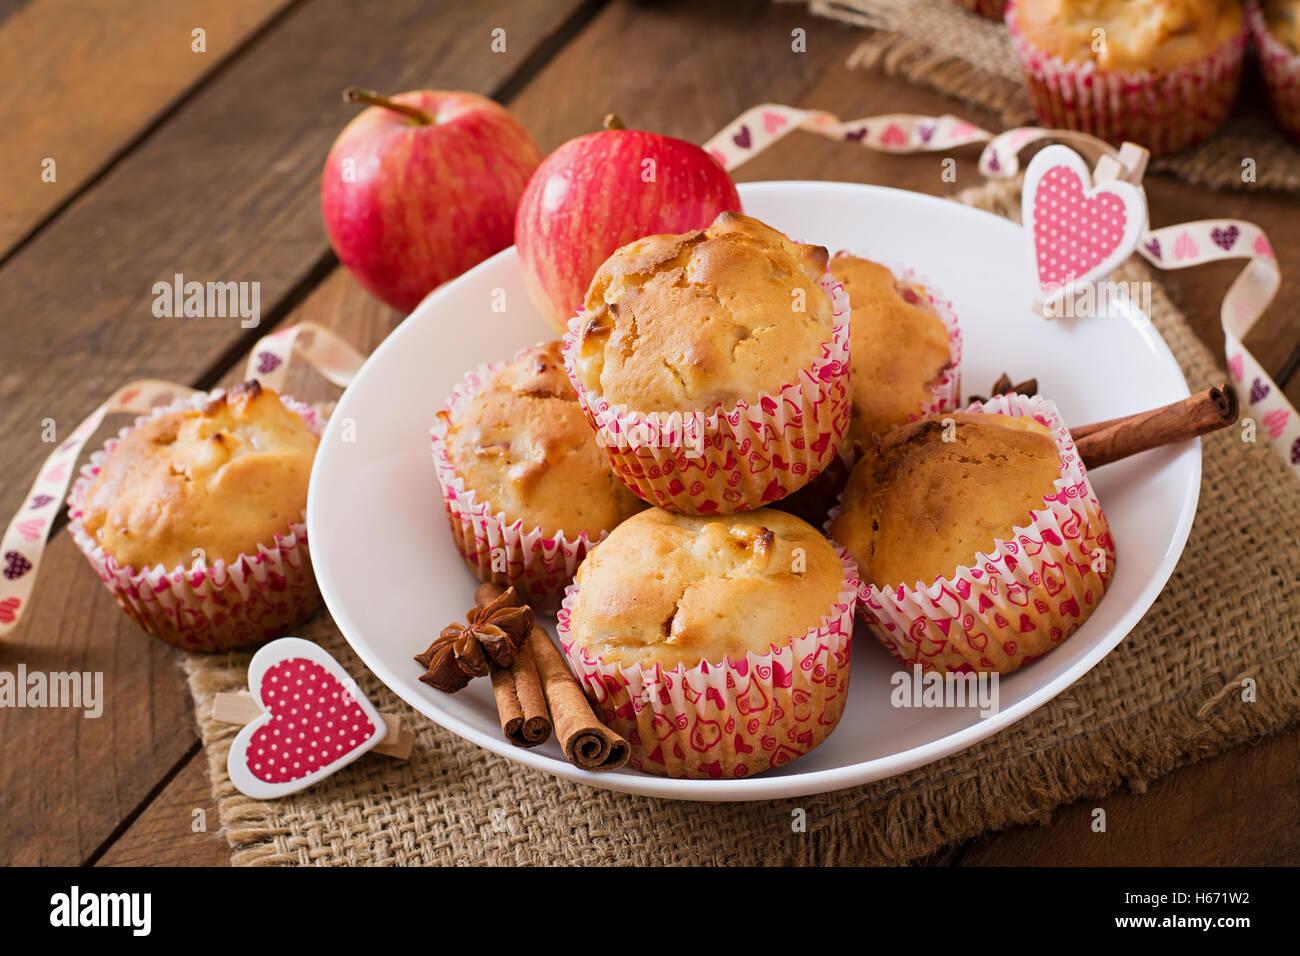 Muffins savoureux avec apple et cinnamonon a wooden background Photo Stock